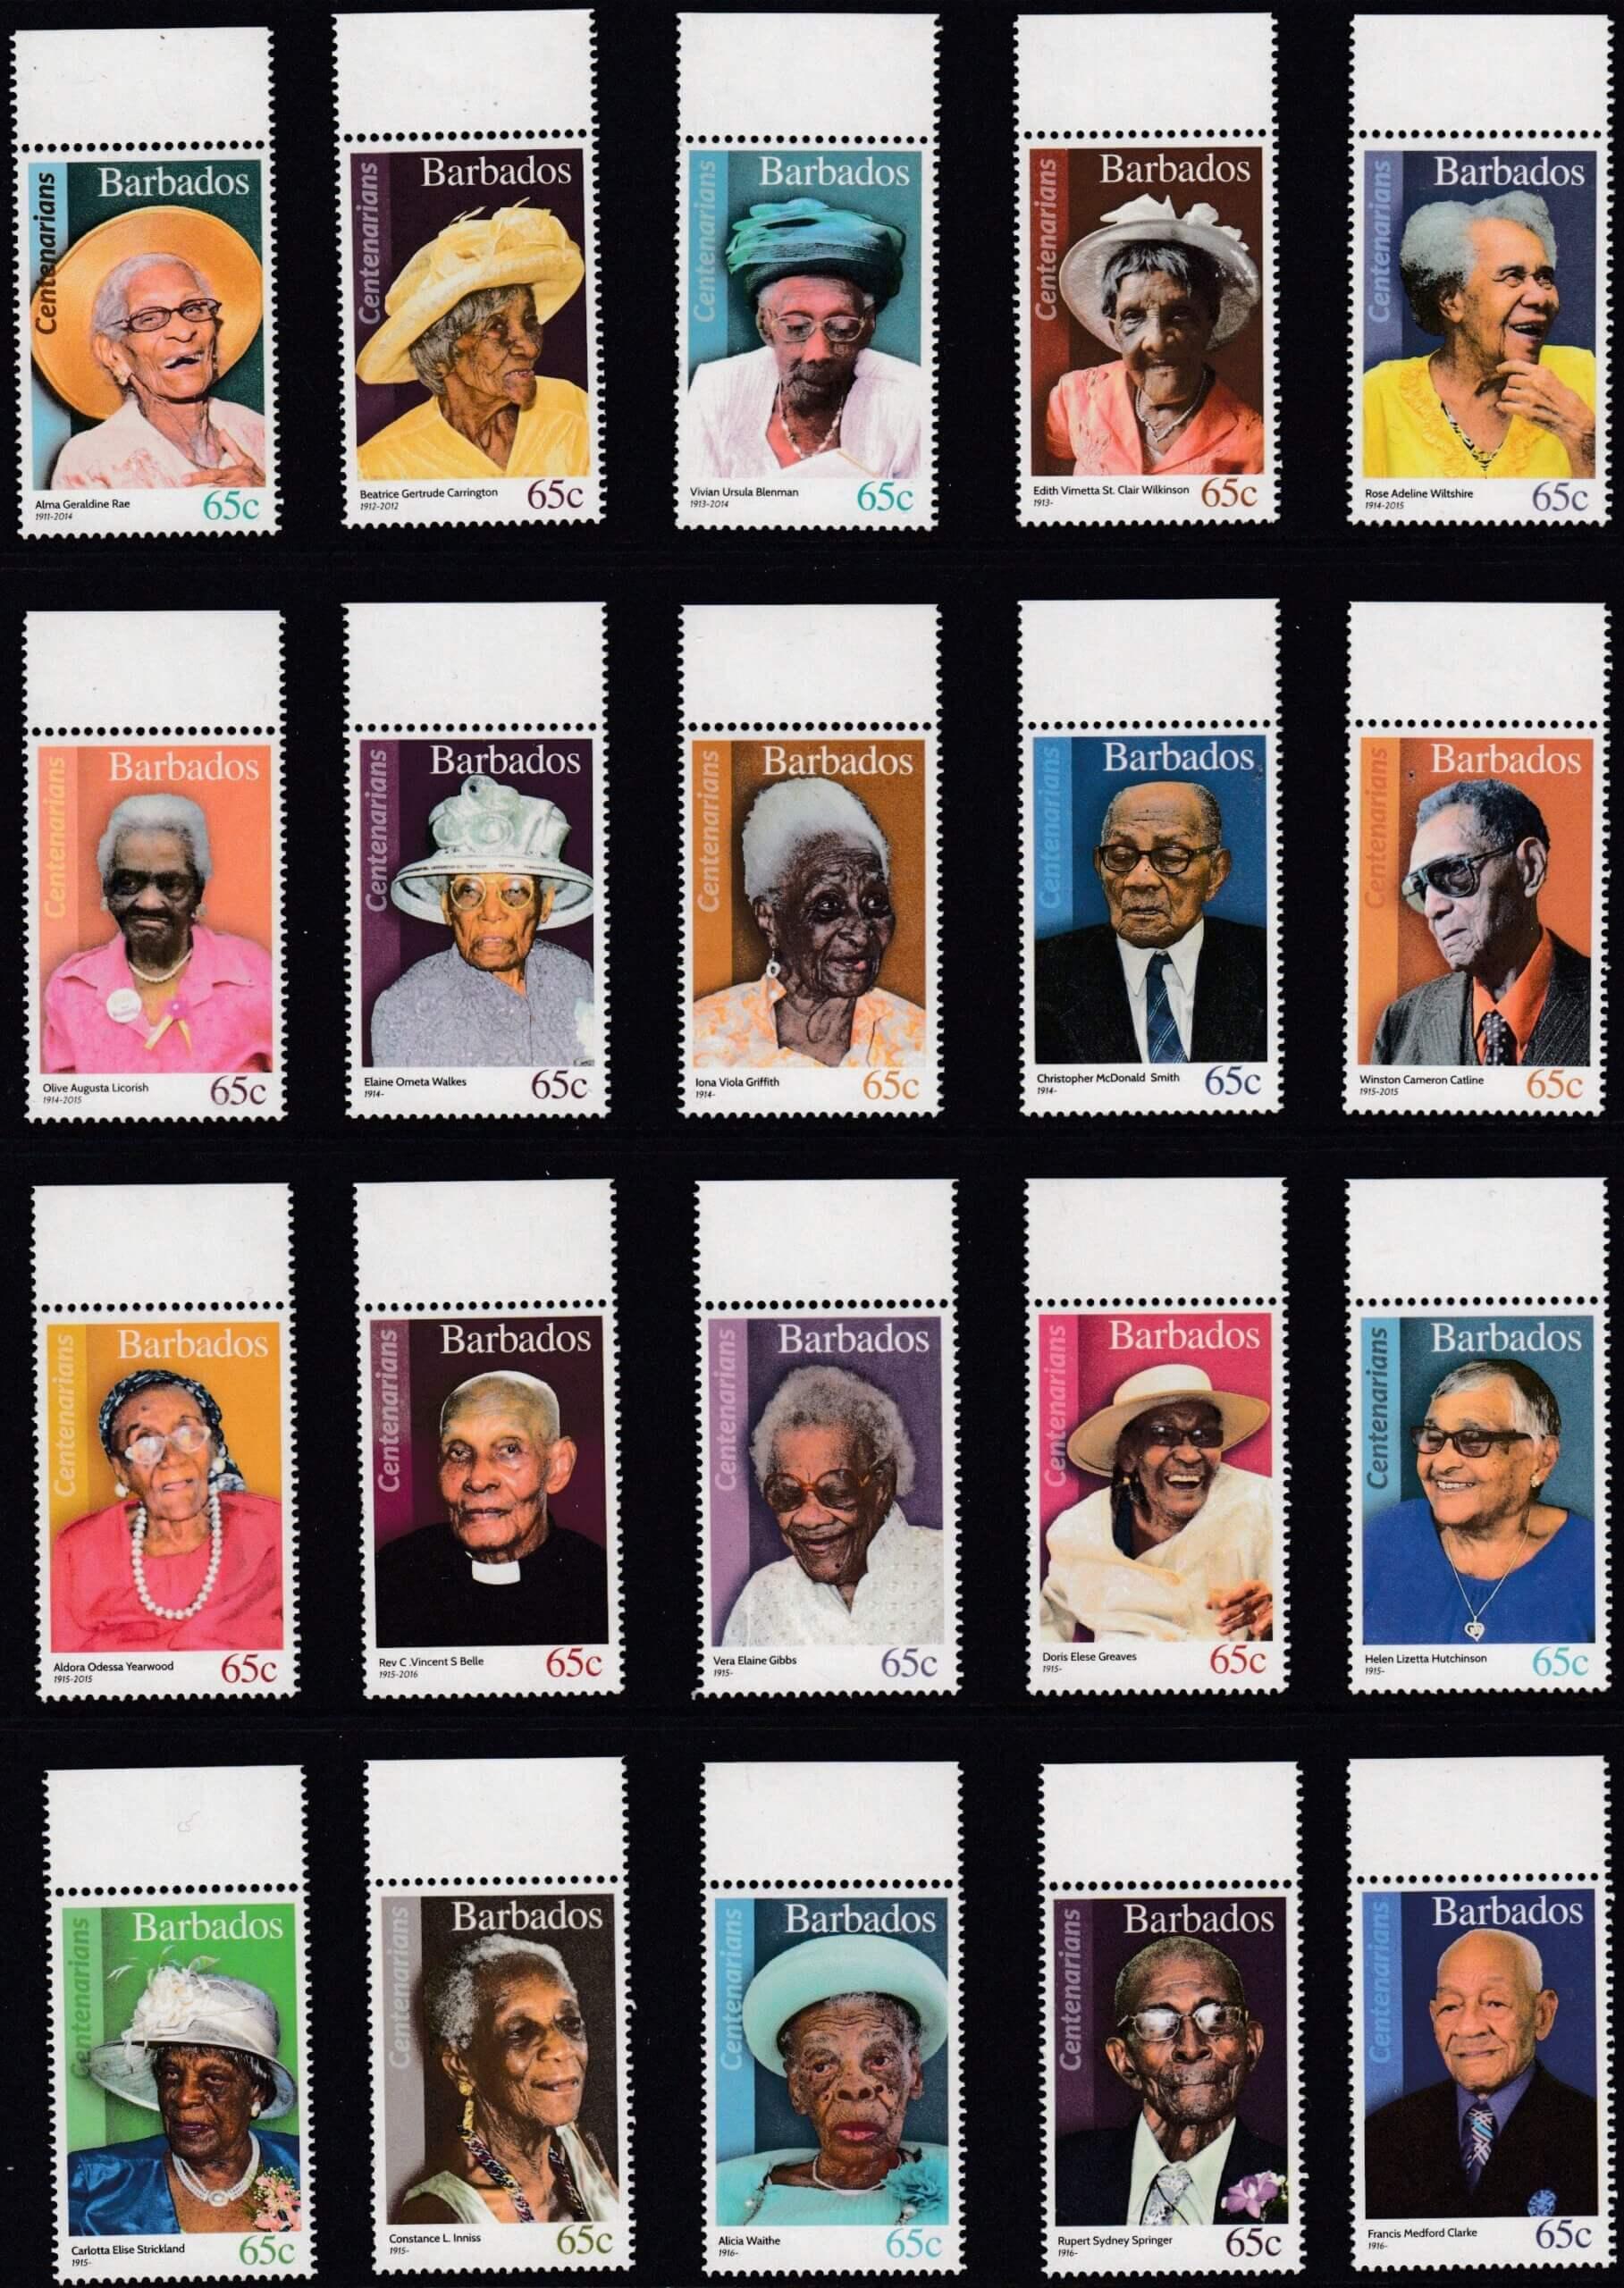 Barbados SG1461-1480 | Barbados Centenarians